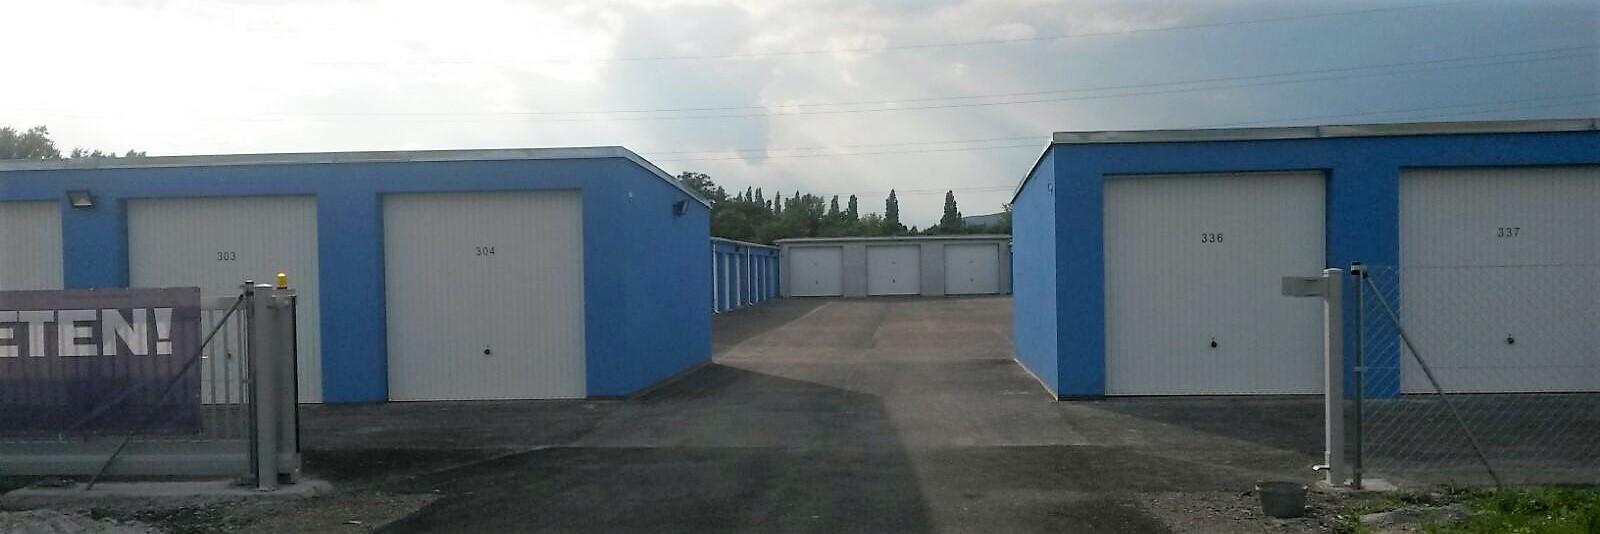 Garagen Container marc freysinger garagen und container